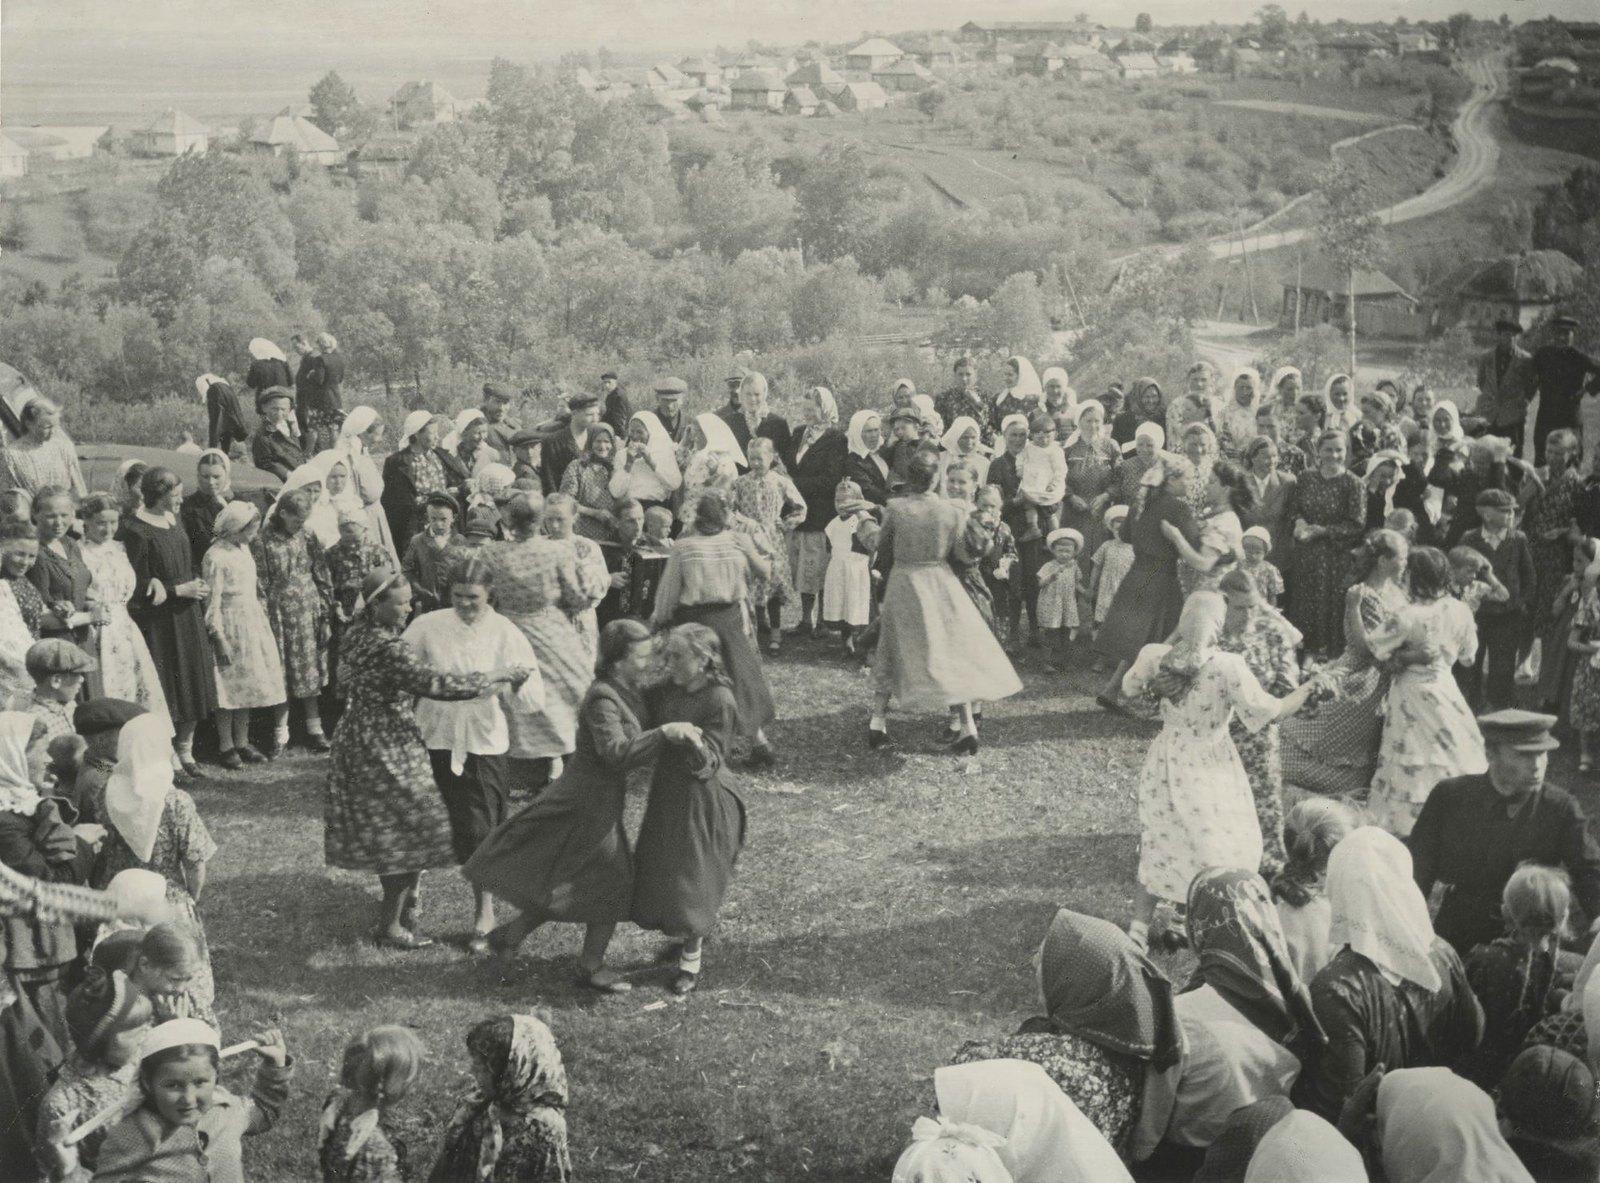 1950-е. Танцы в колхозе. Девушки приглашают кавалеров